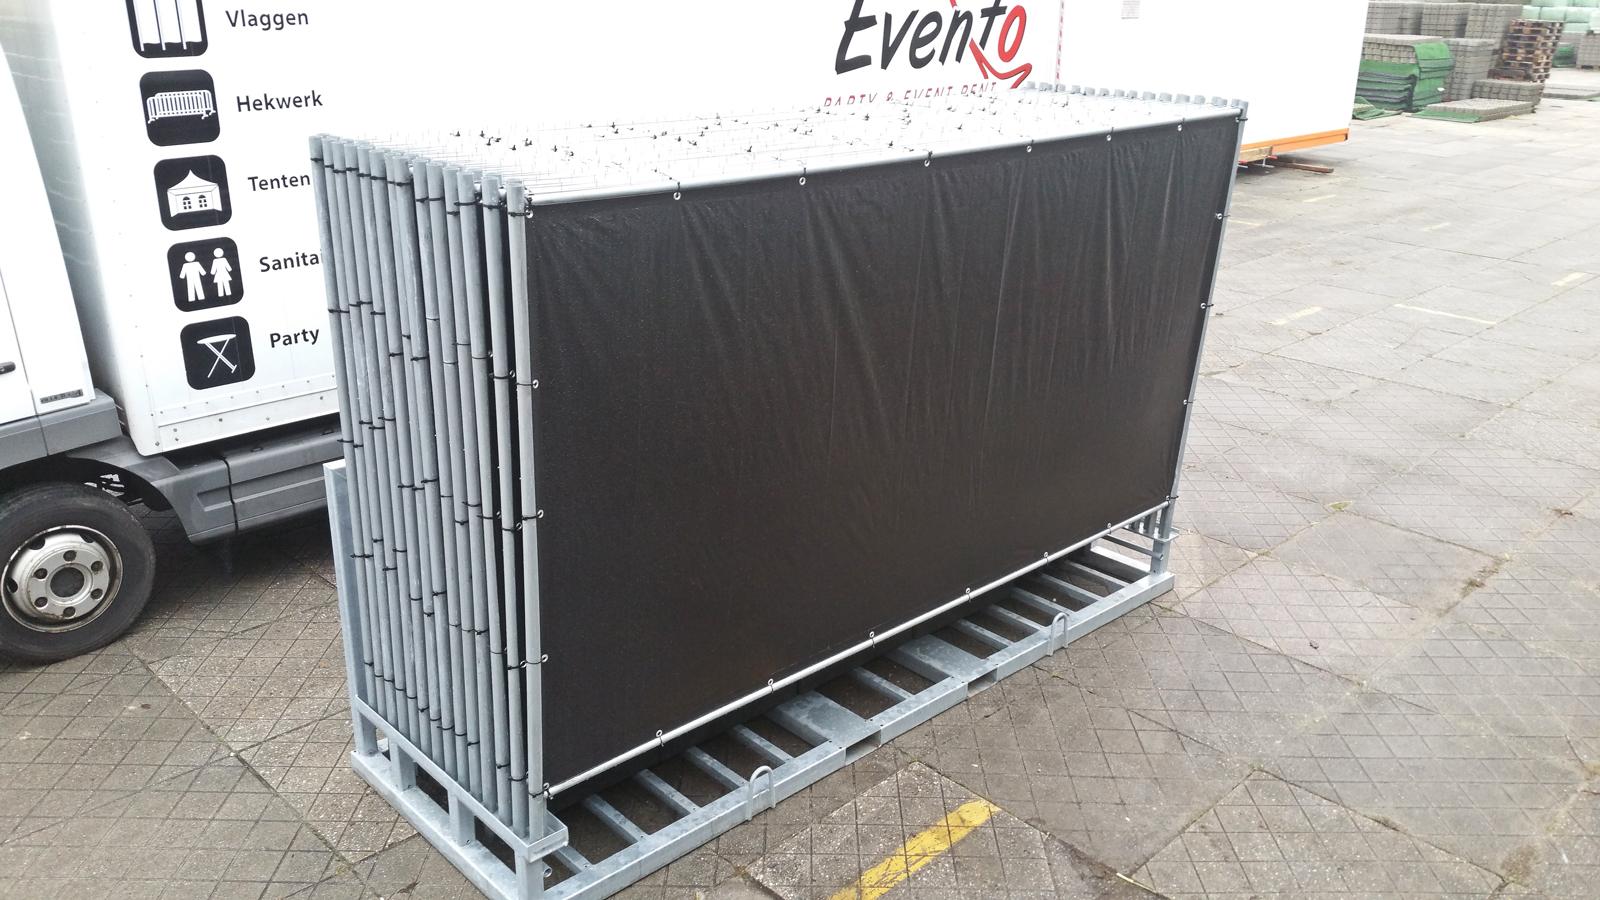 Gezeilde hekken evenemententhekken Materiaal huren voor evenement drangkekken huren dranghek afzethek afzetten barriers hekken evenementenhekken